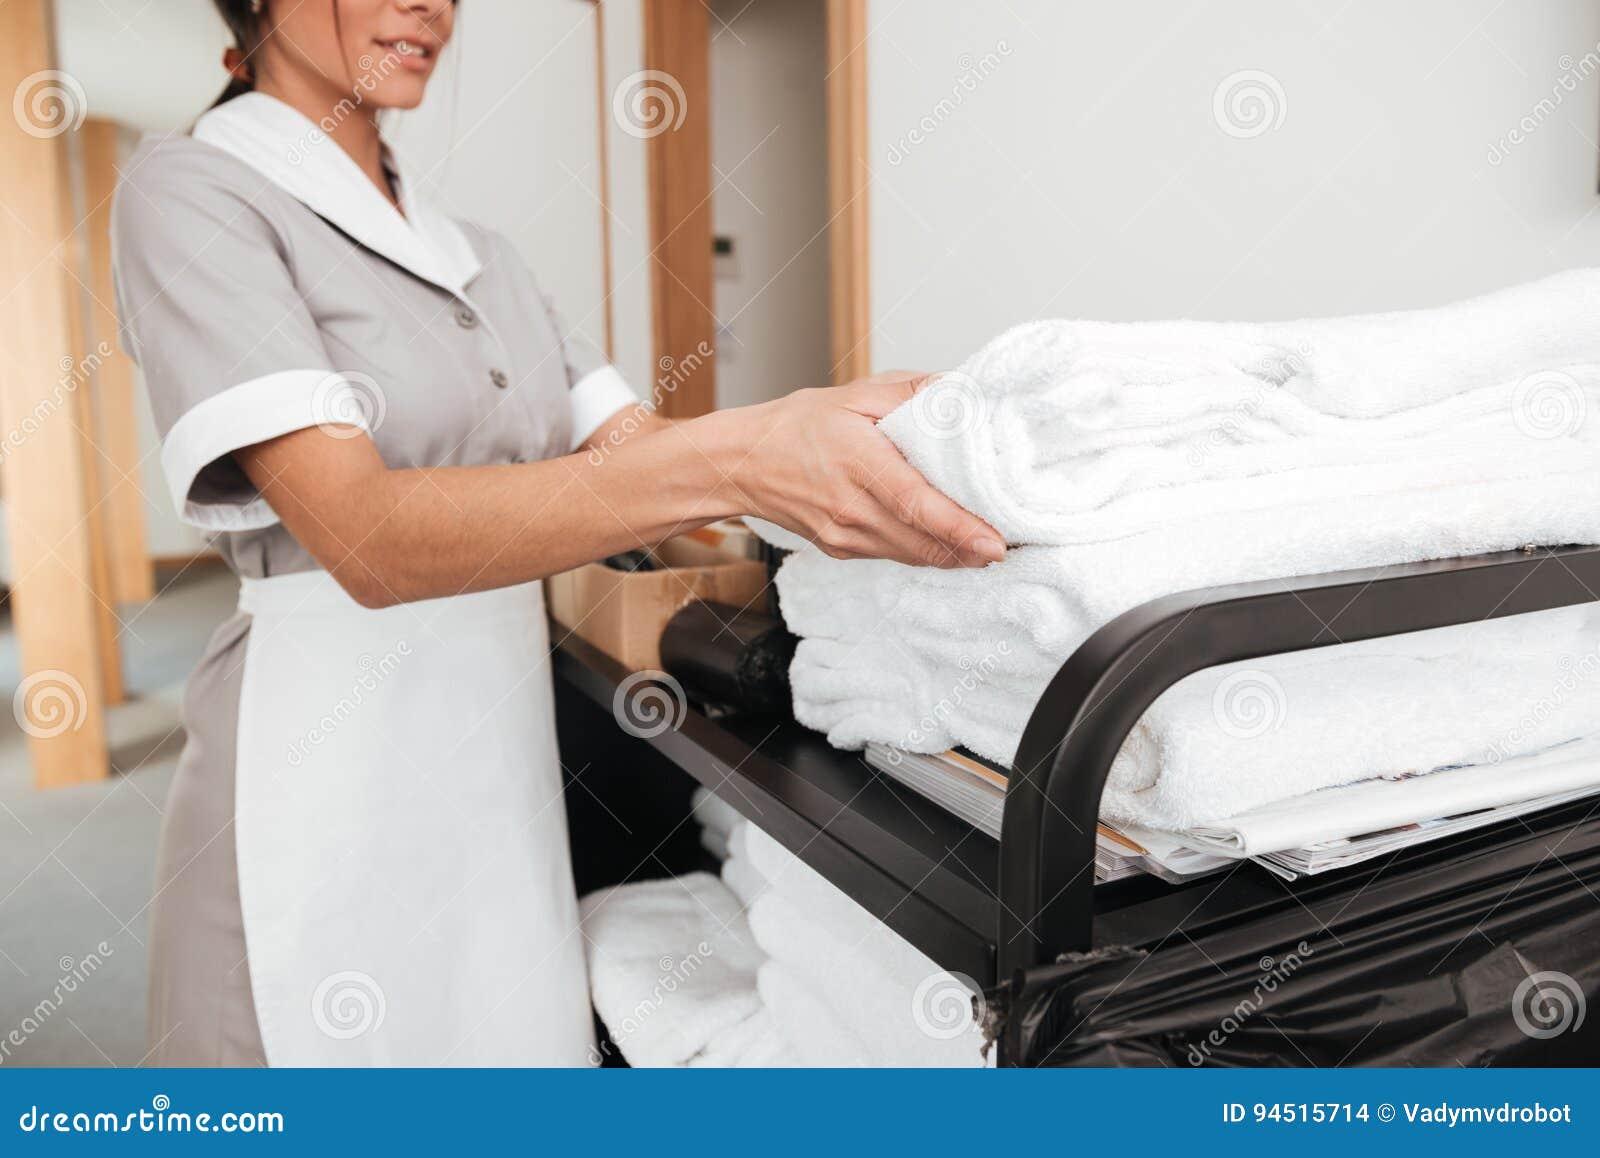 Criada joven sonriente que toma las toallas frescas de un carro de la economía doméstica